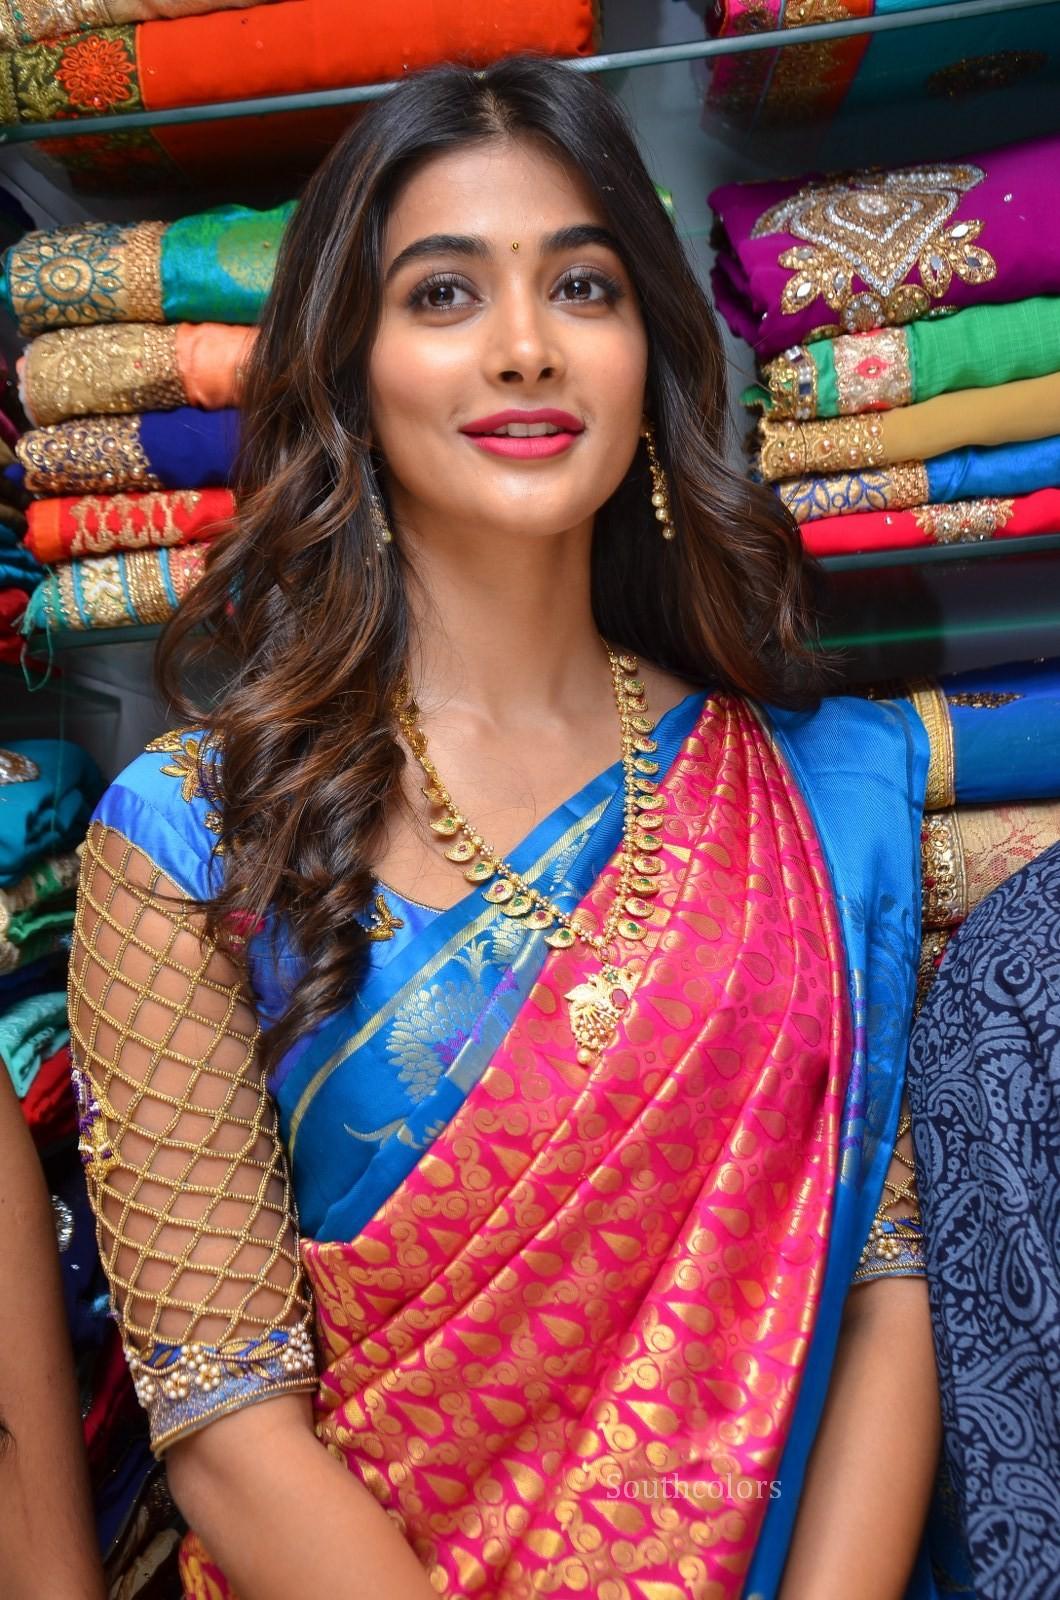 pooja hegde traditional saree photos southcolors 18